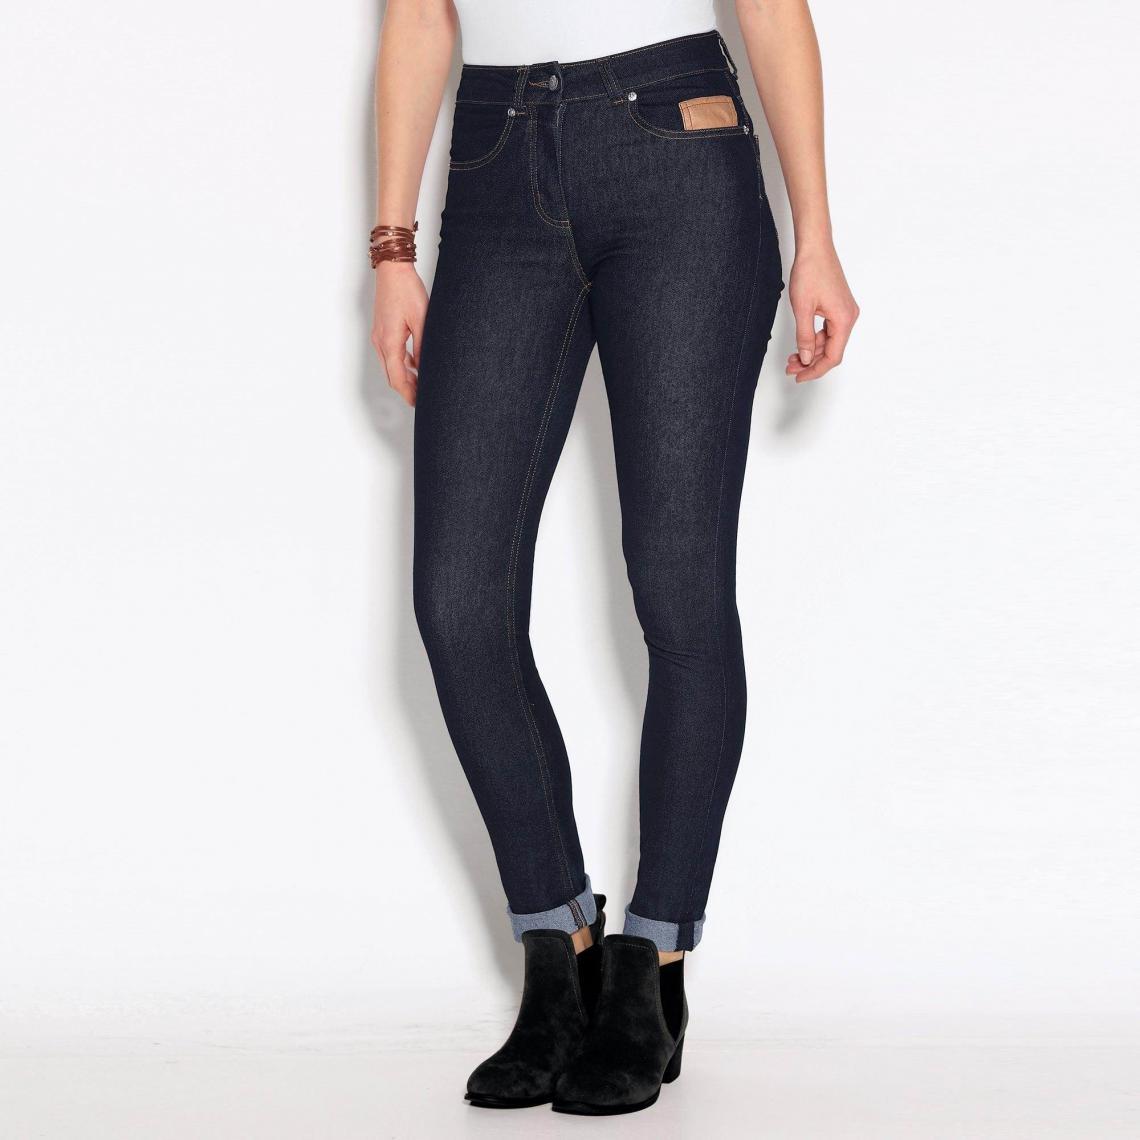 profiter du meilleur prix sortie d'usine fournir un grand choix de Jean skinny 5 poches taille haute femme - Bleu Marine   3 ...